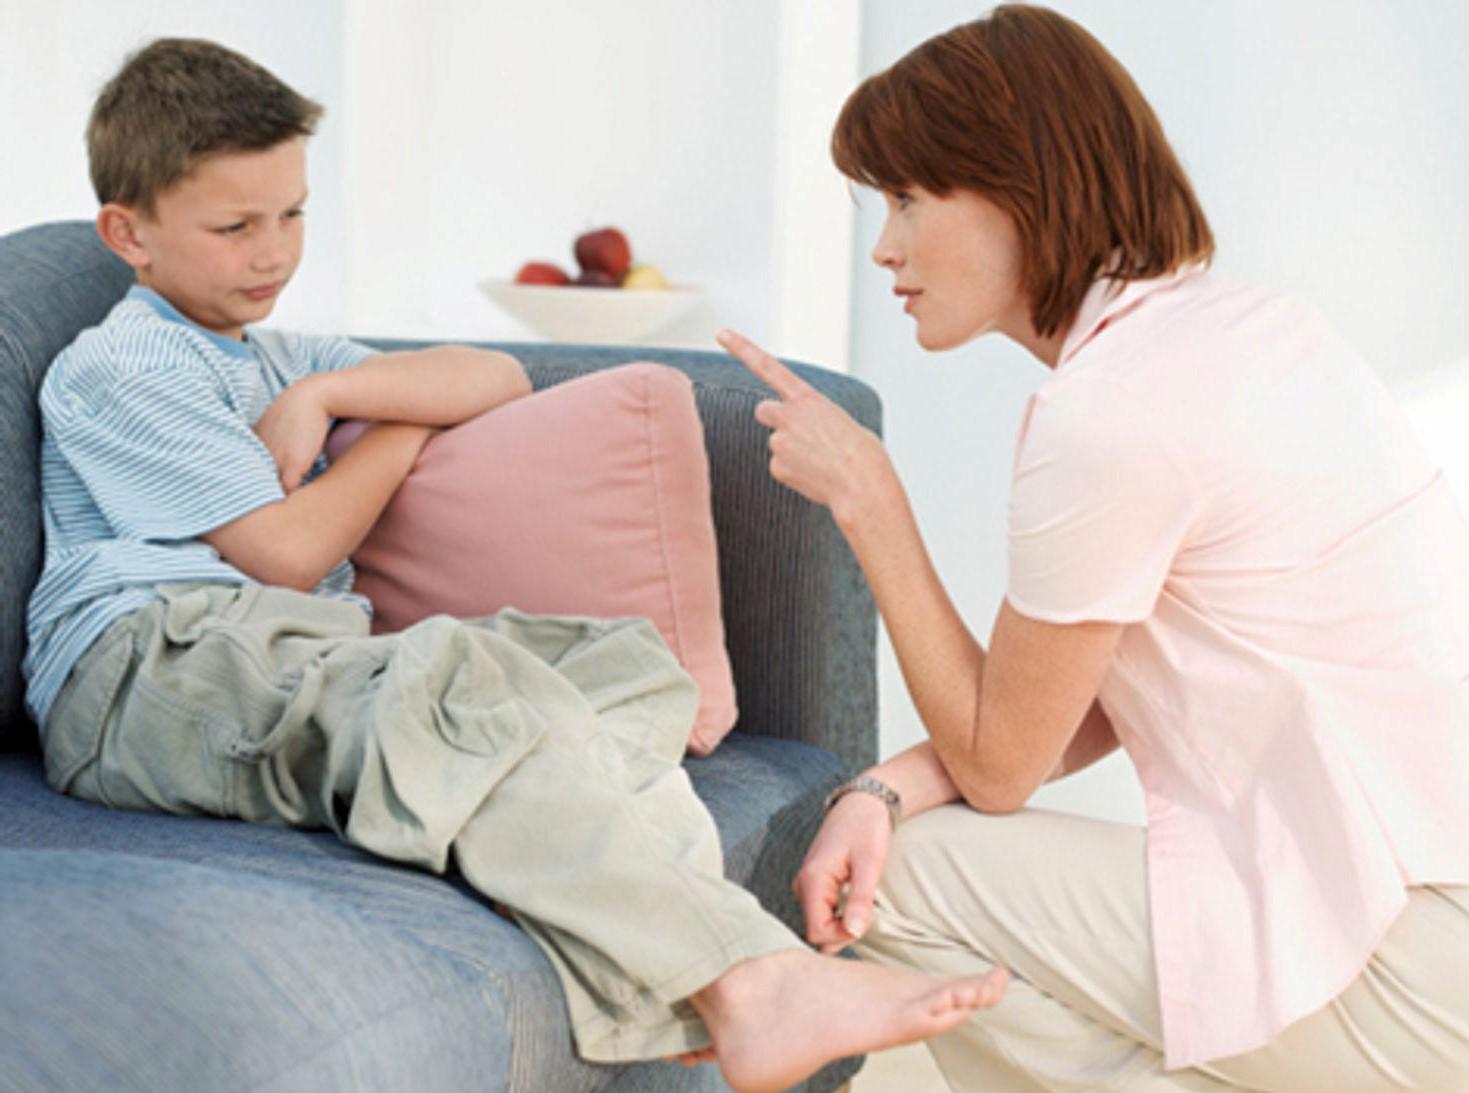 Весь в отца (в мать) | 8 фраз, которые нельзя говорить ребенку | Her Beauty